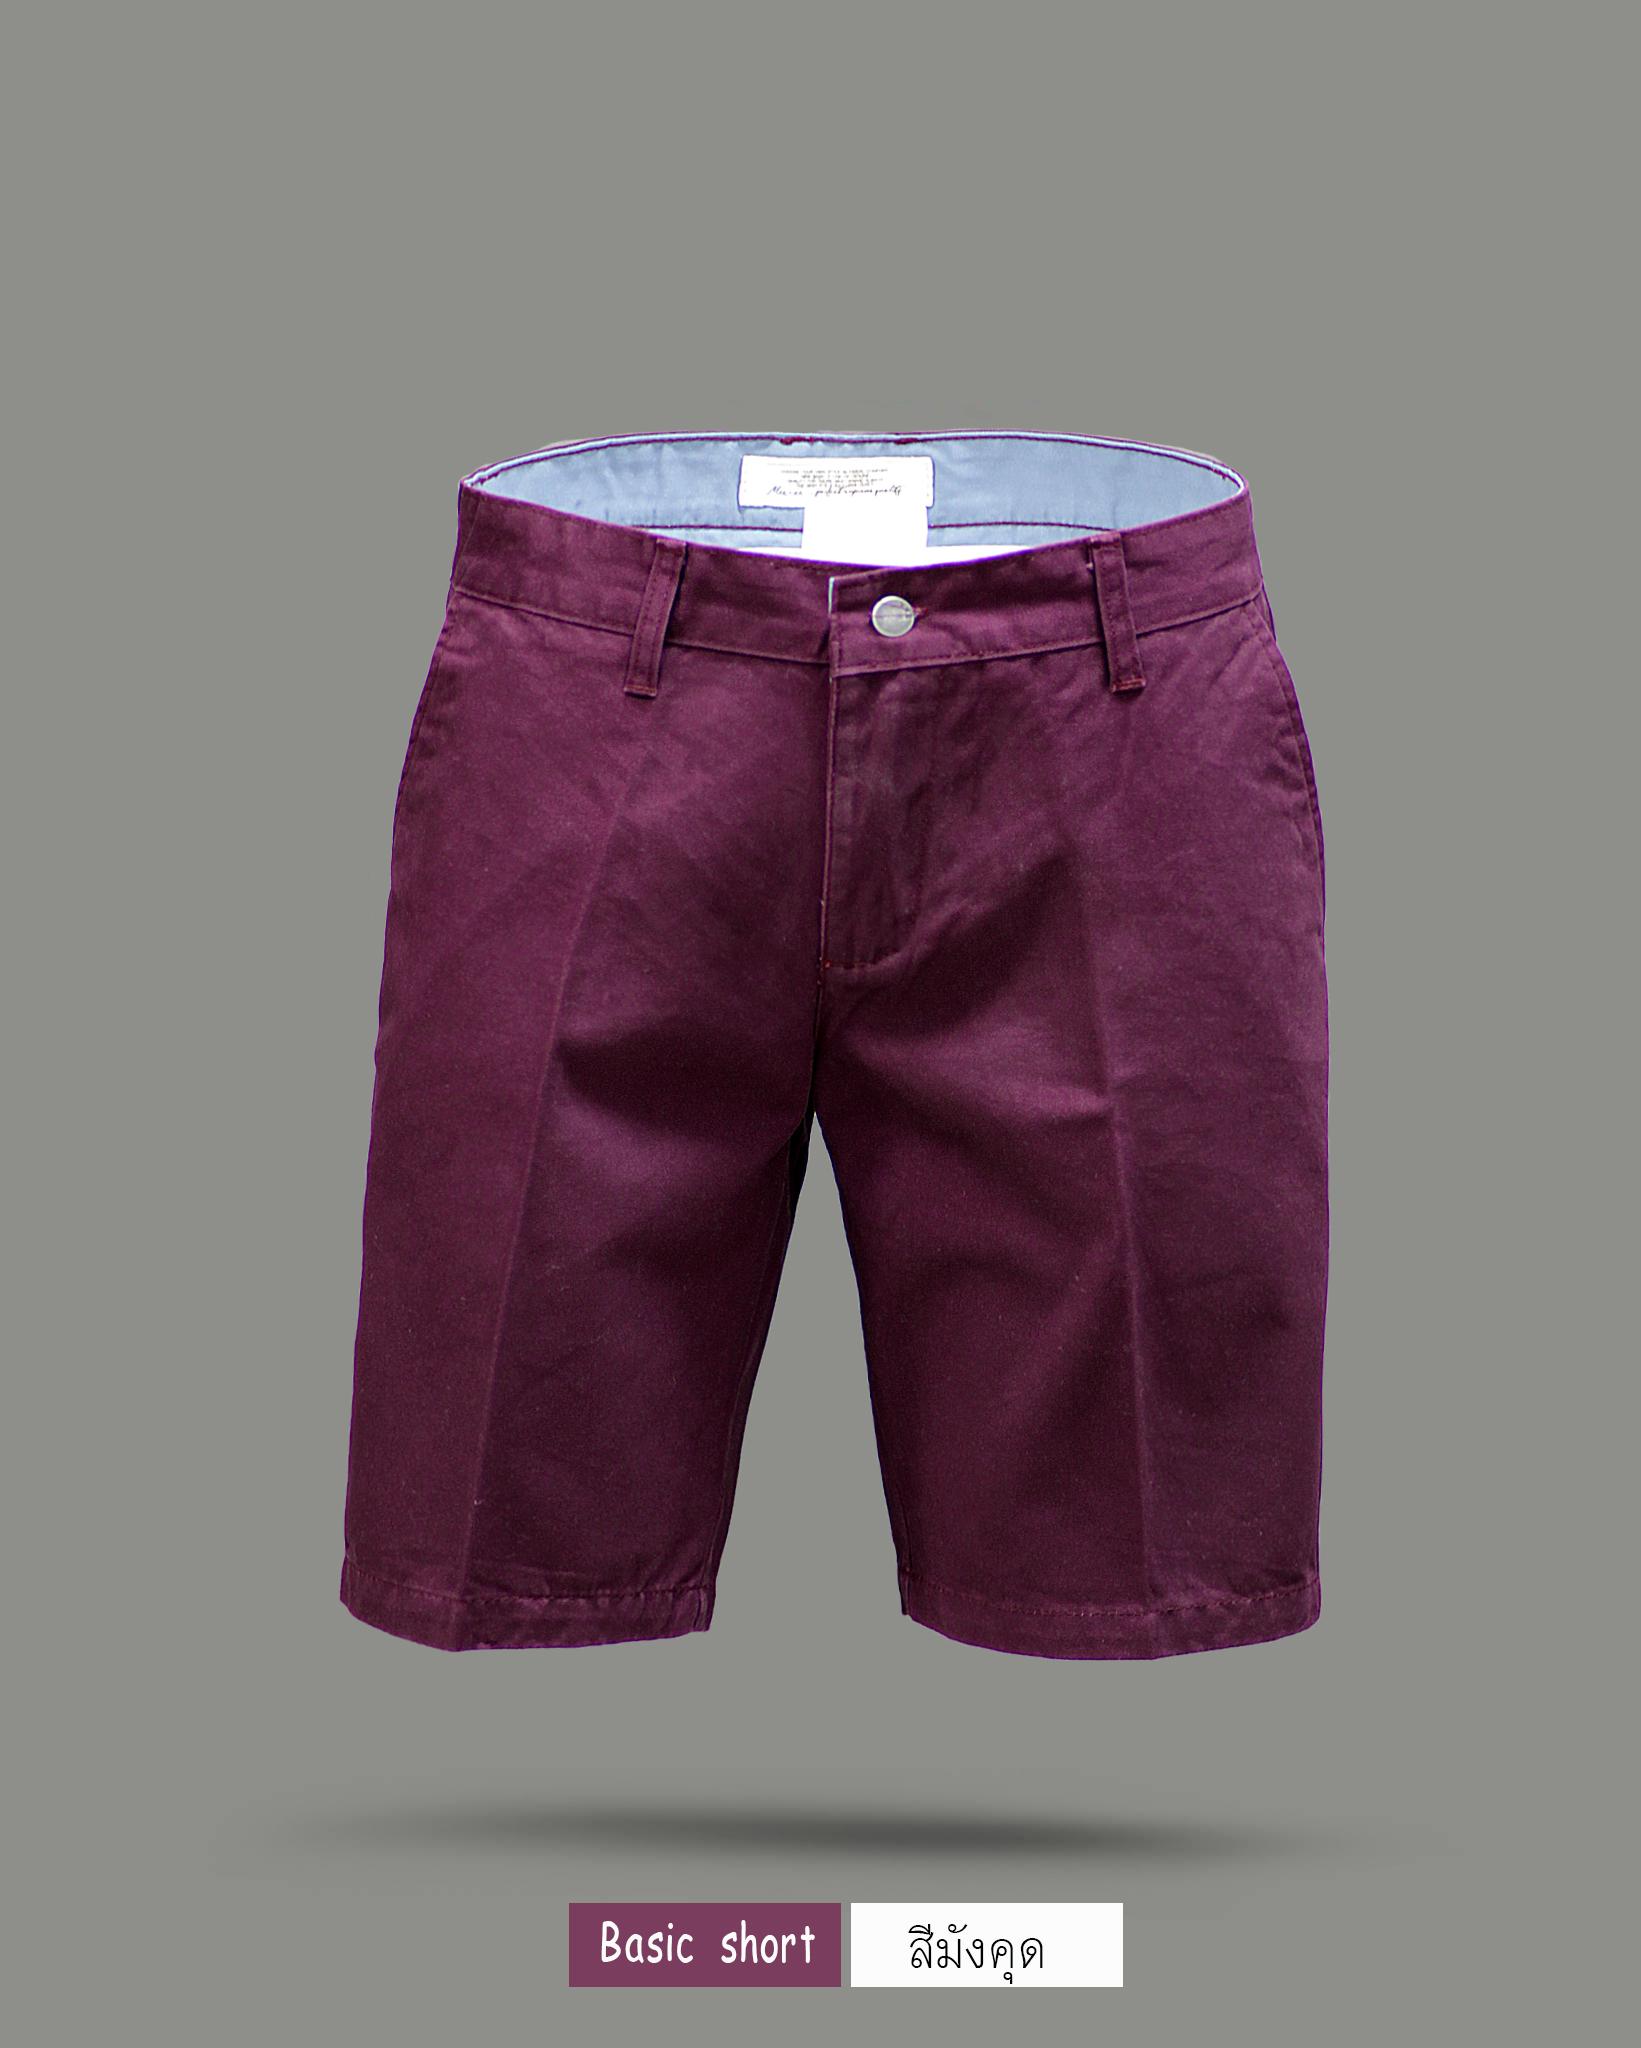 กางเกงขาสั้น สีมังคุด